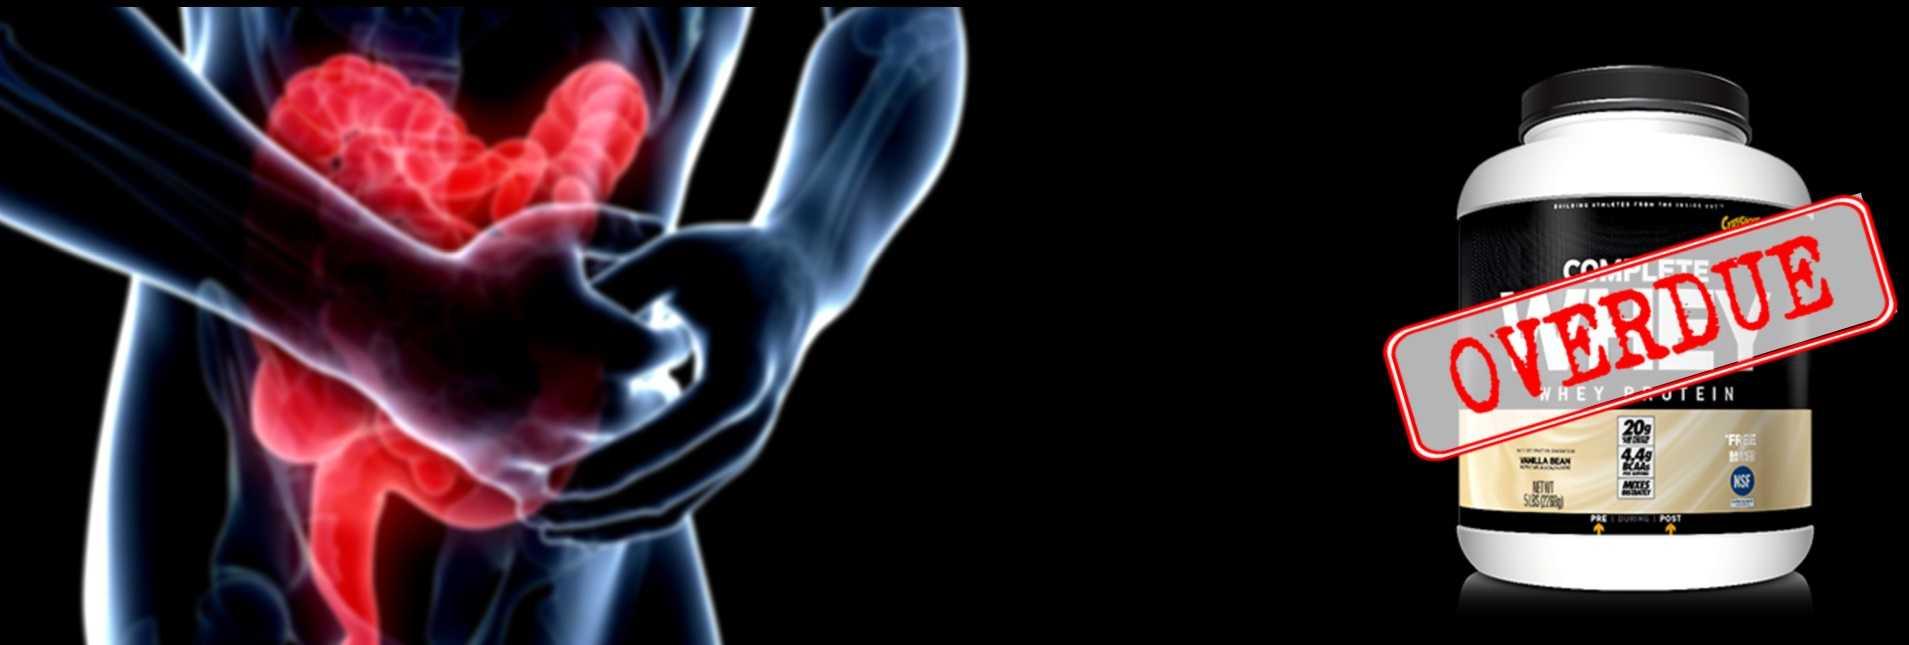 Протеин вреден или нет для здоровья мужчин и женщин, мнение врачей